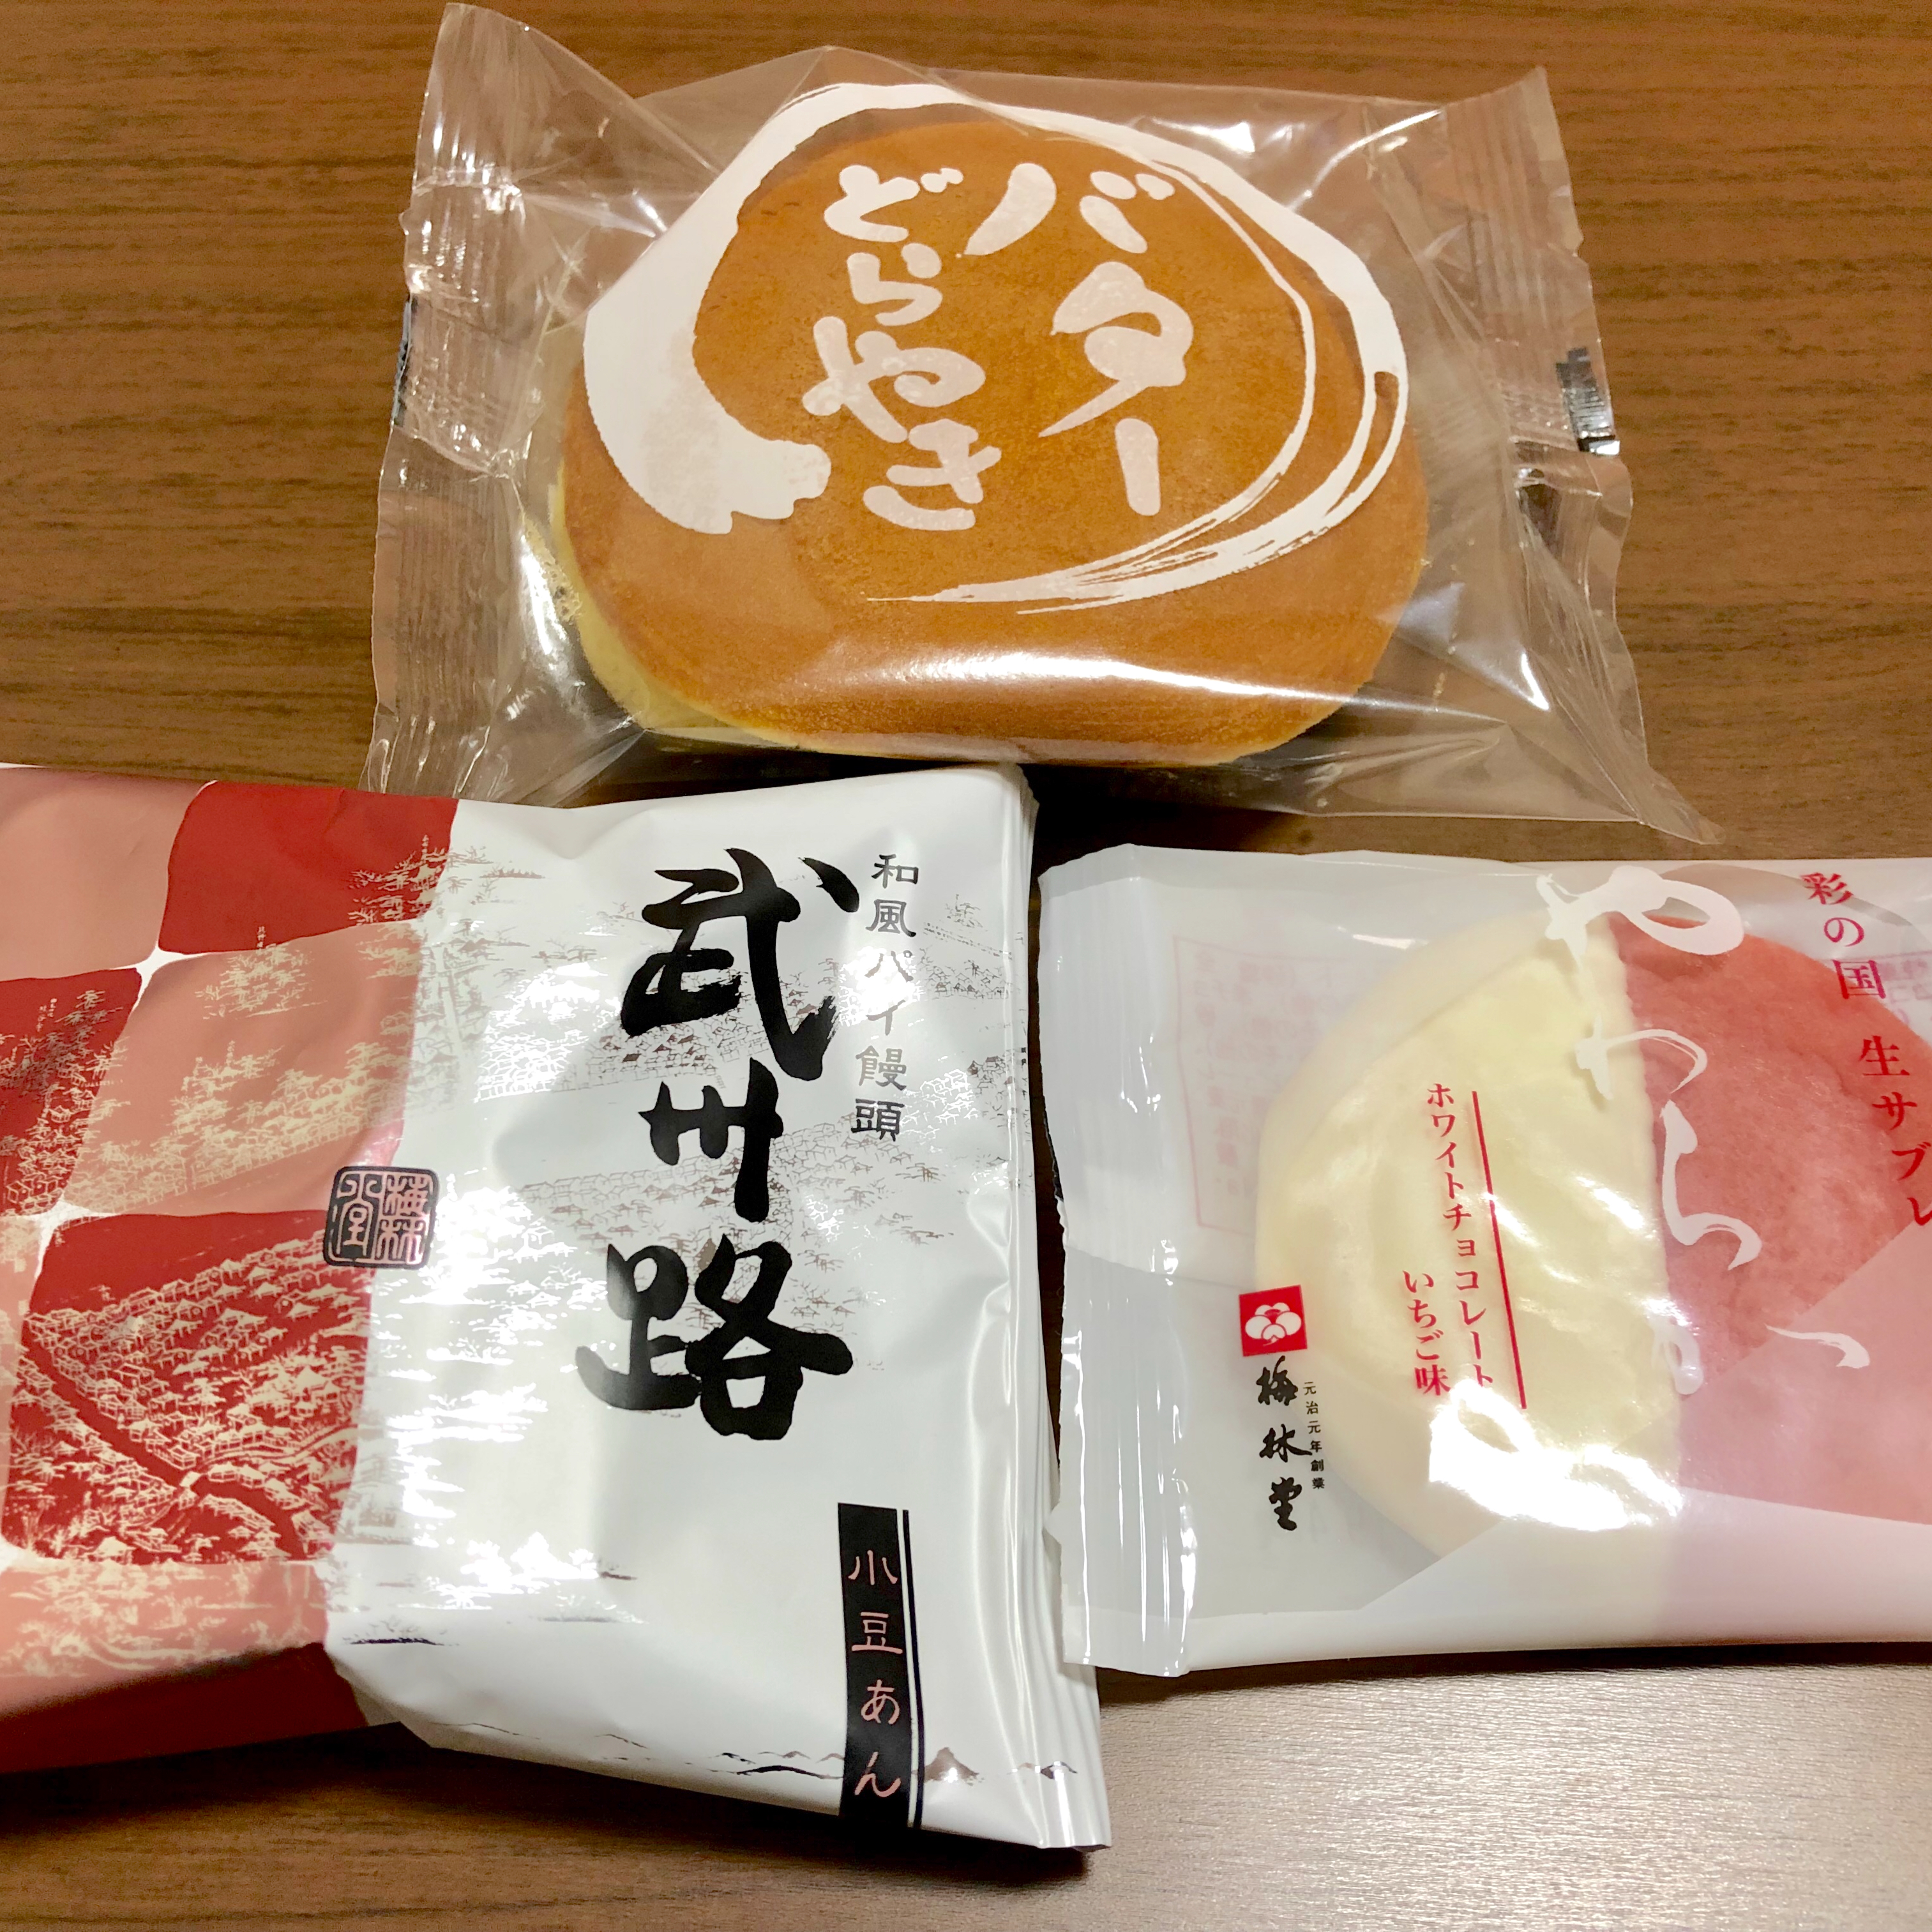 梅林堂のおすすめ|やわらか・武州路・バターどら焼きを食べた感想・レビュー!